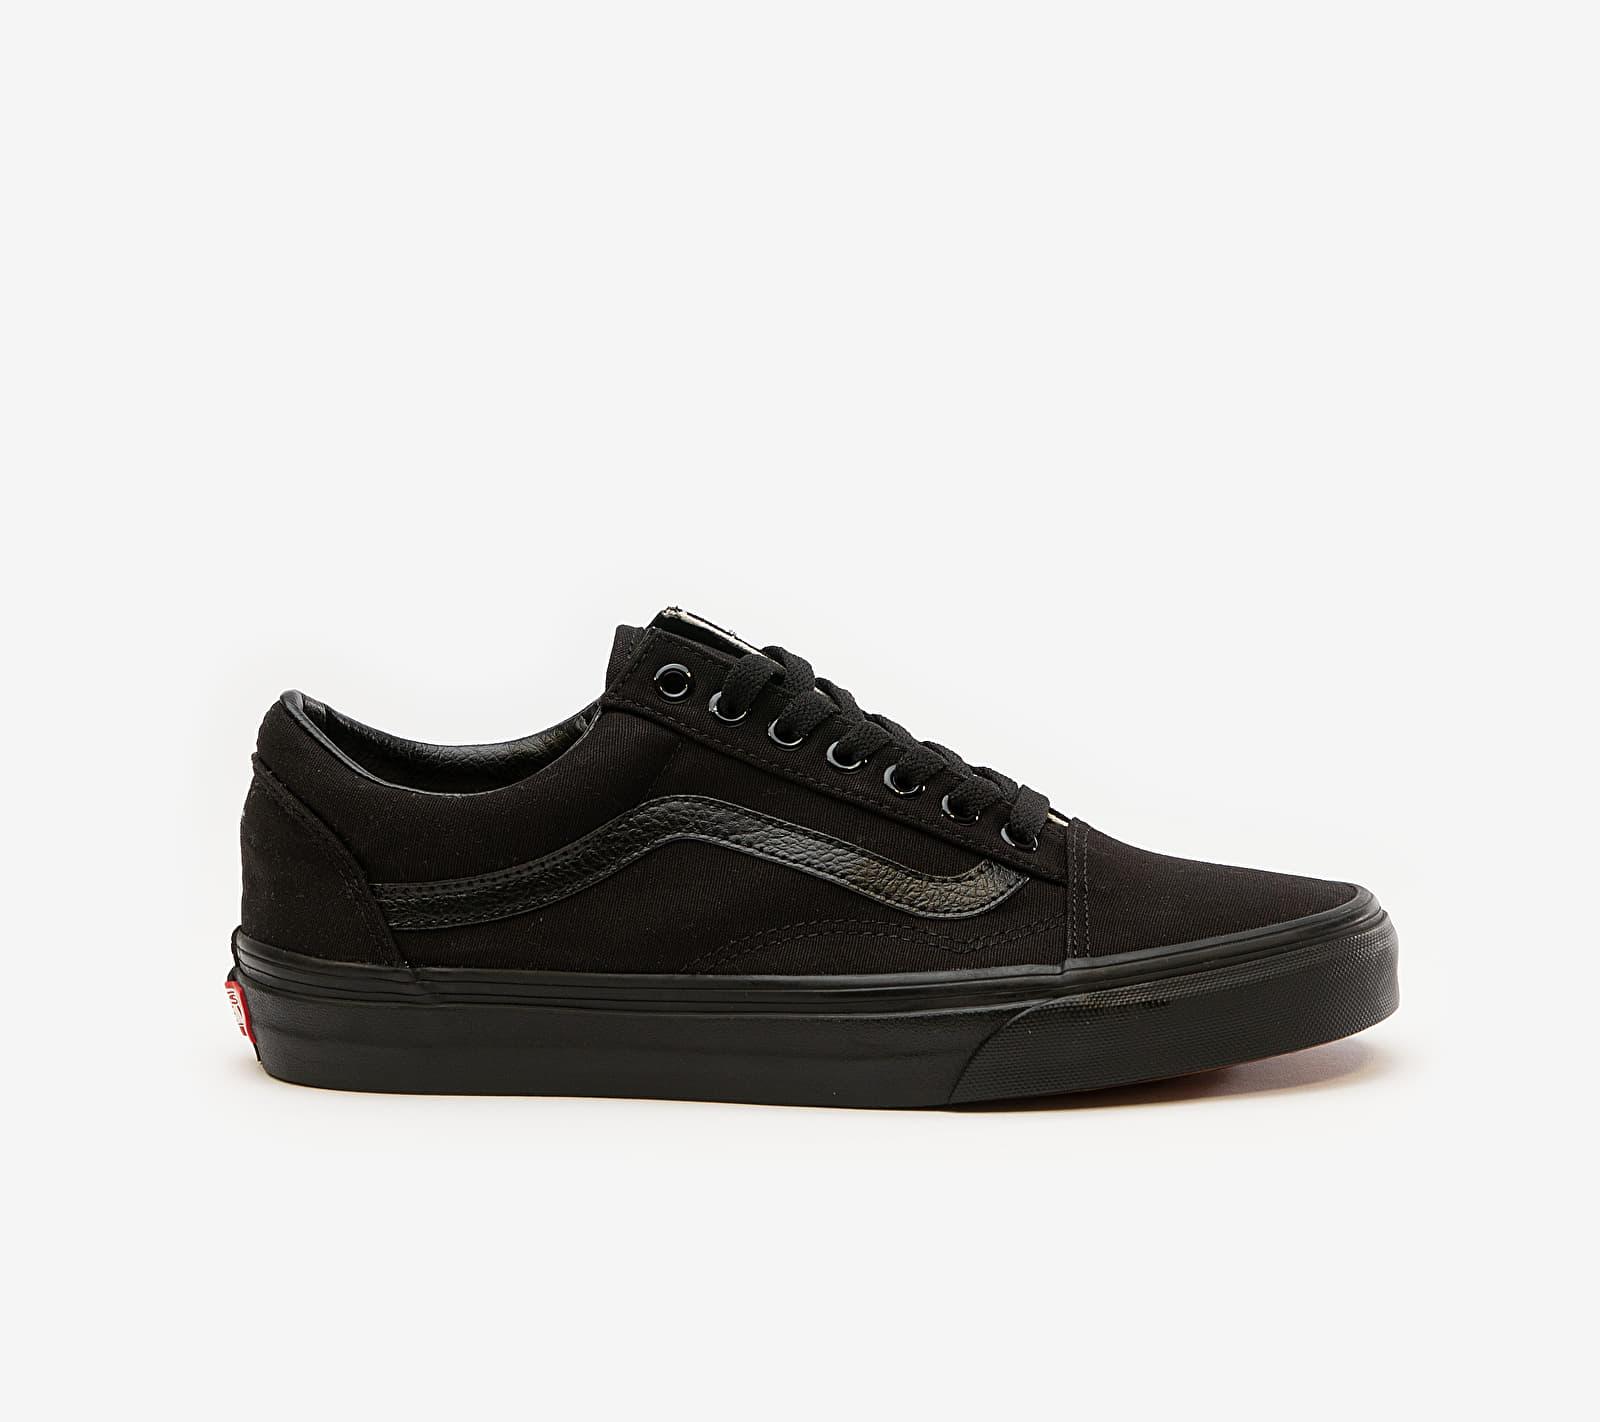 Vans Old Skool Black/ Black EUR 41